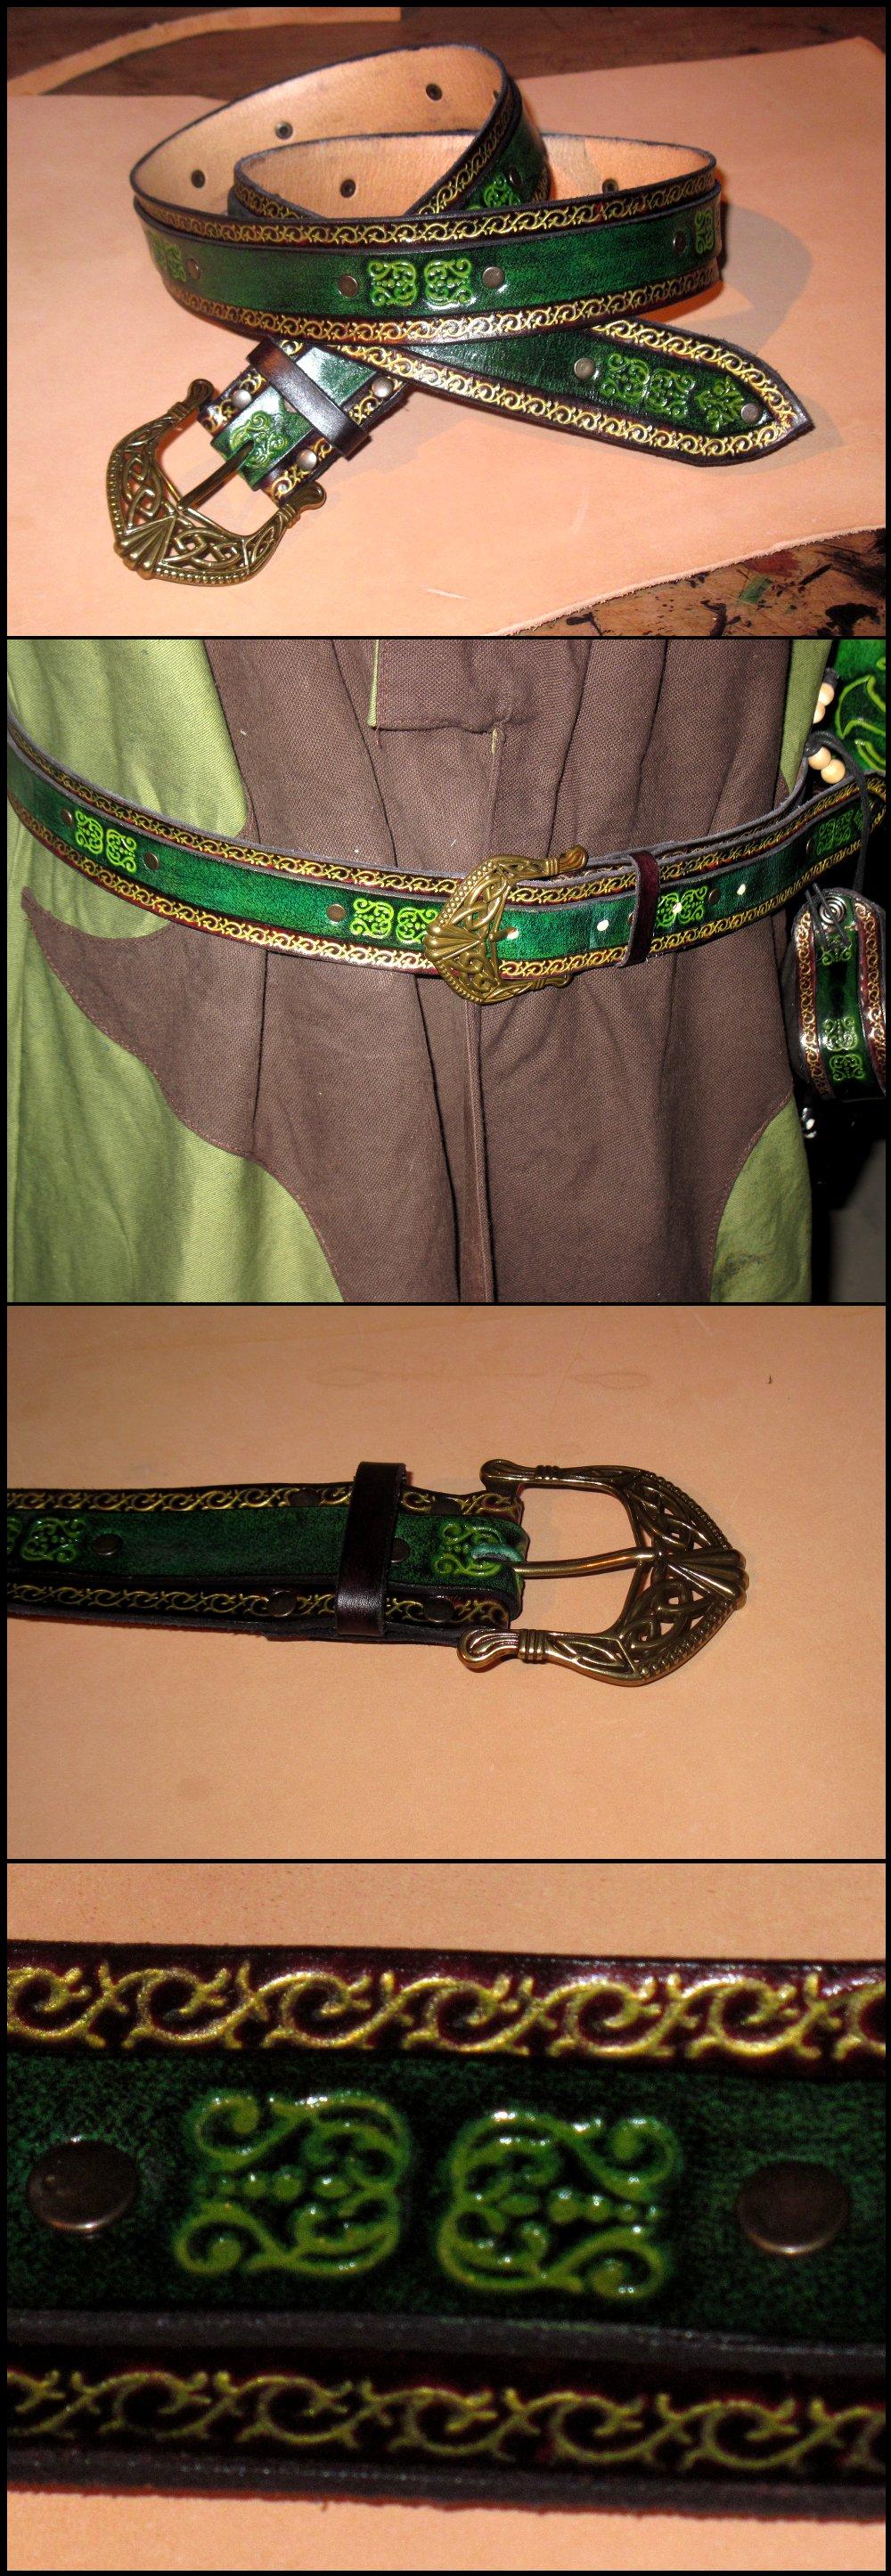 Rogue-sorcerer : the belt by akinra-workshop